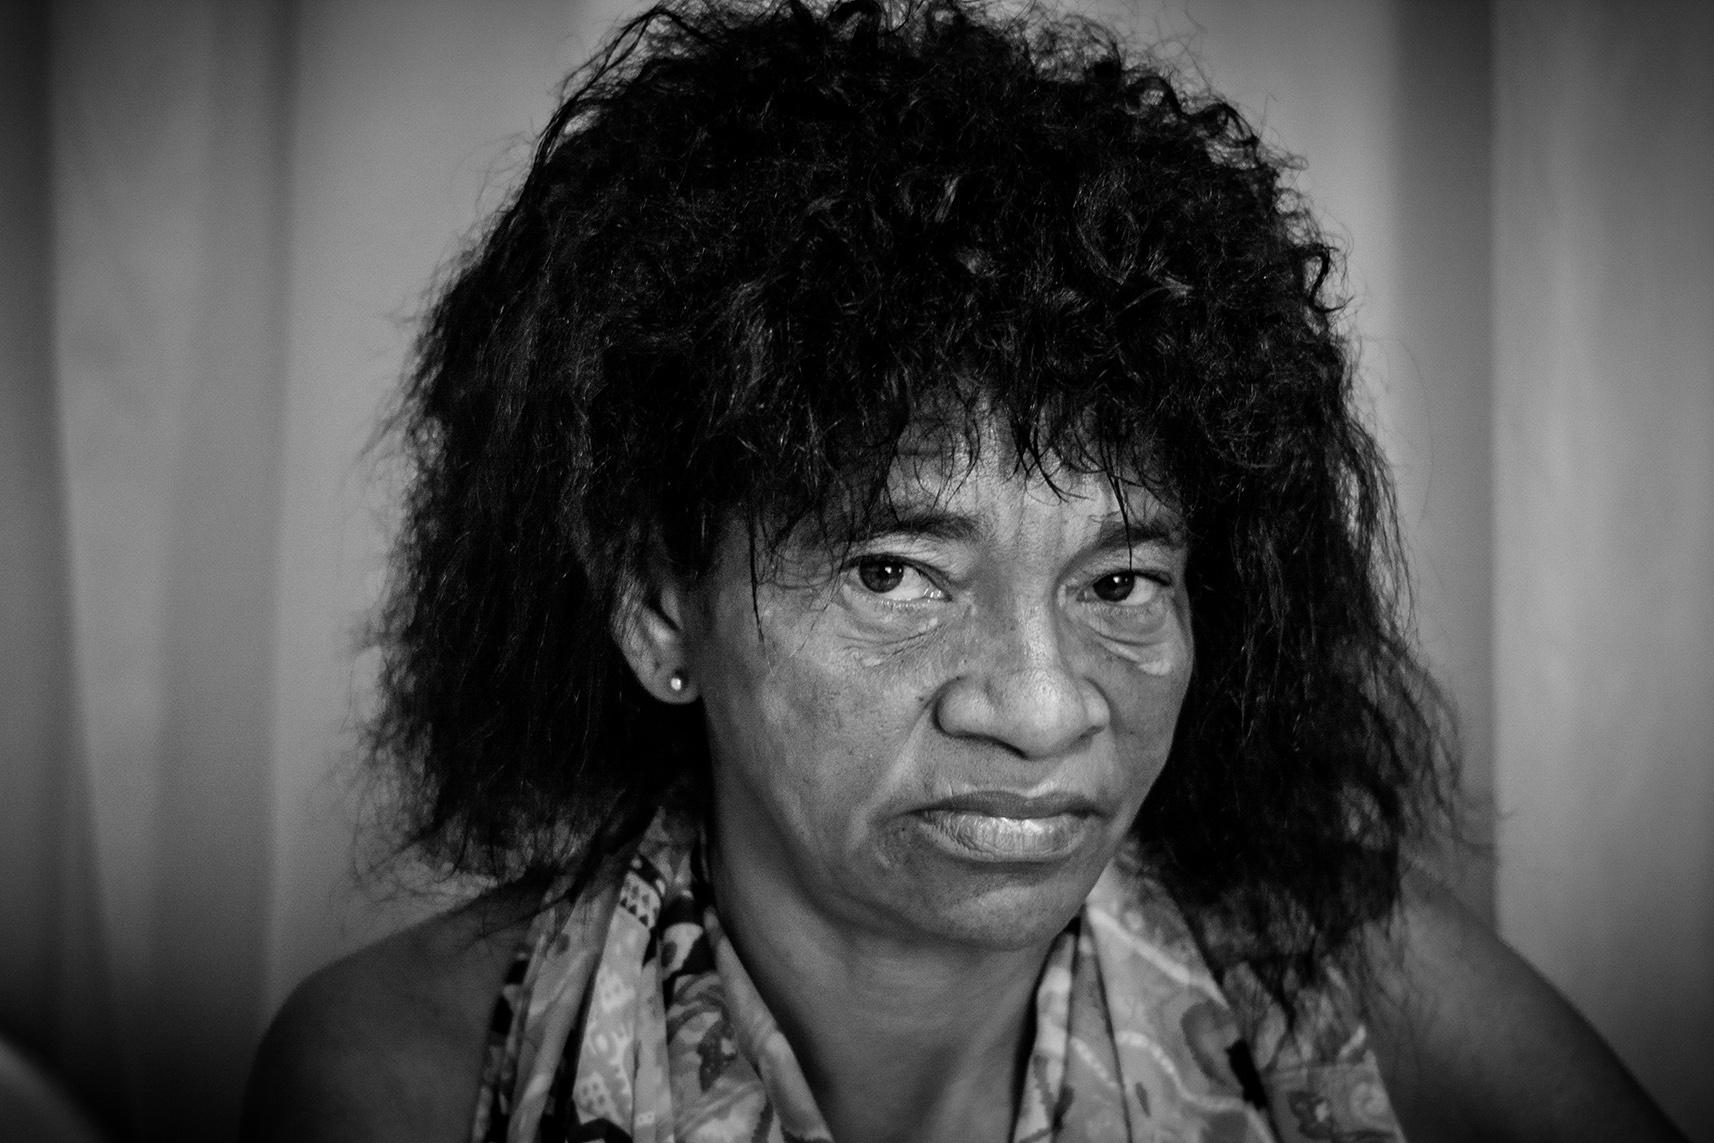 Três mulheres de Barcarena: ameaçadas, perseguidas e intimidadas